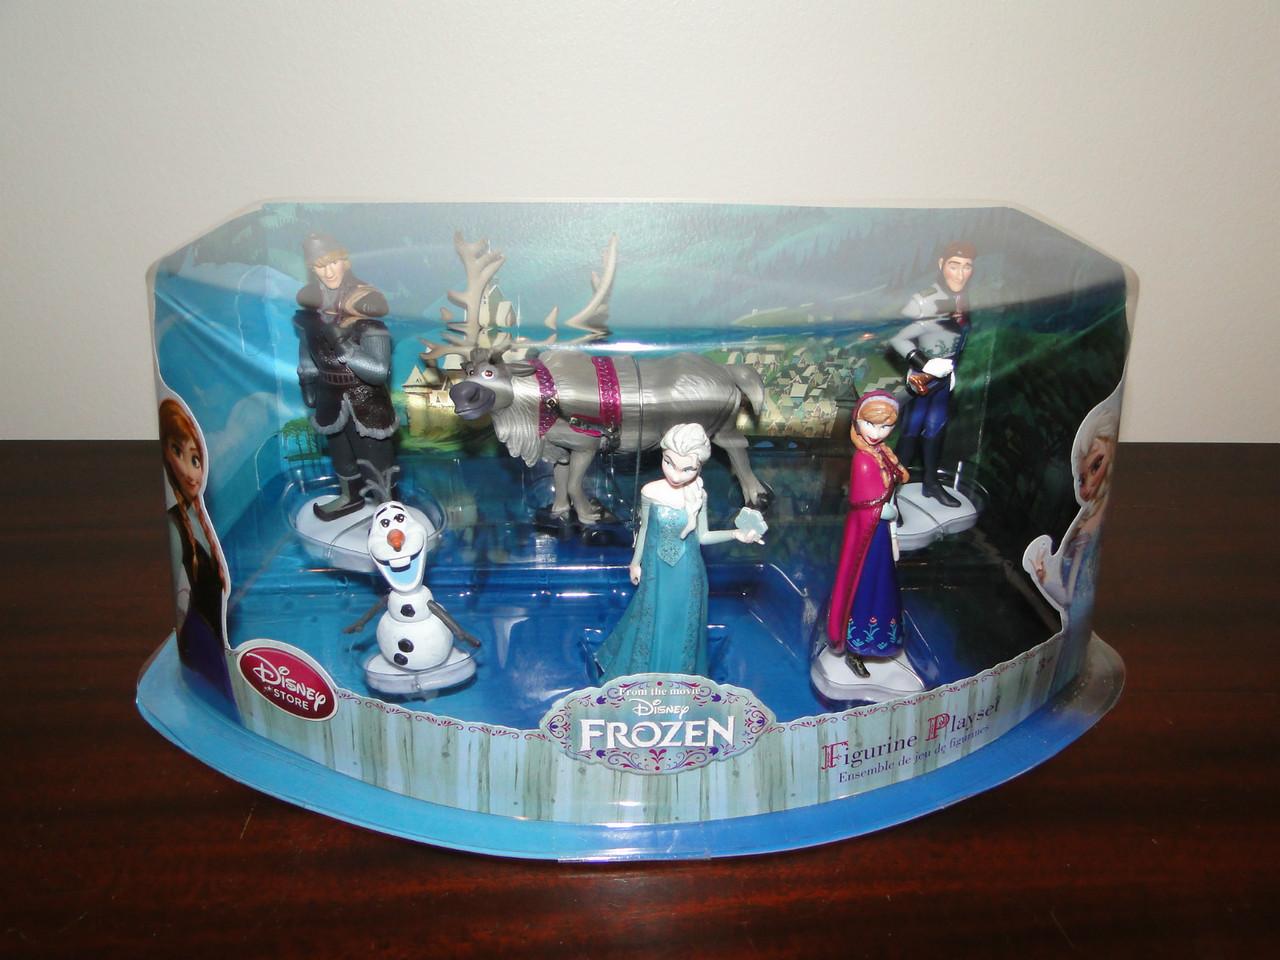 겨울왕국 Figurine Playset